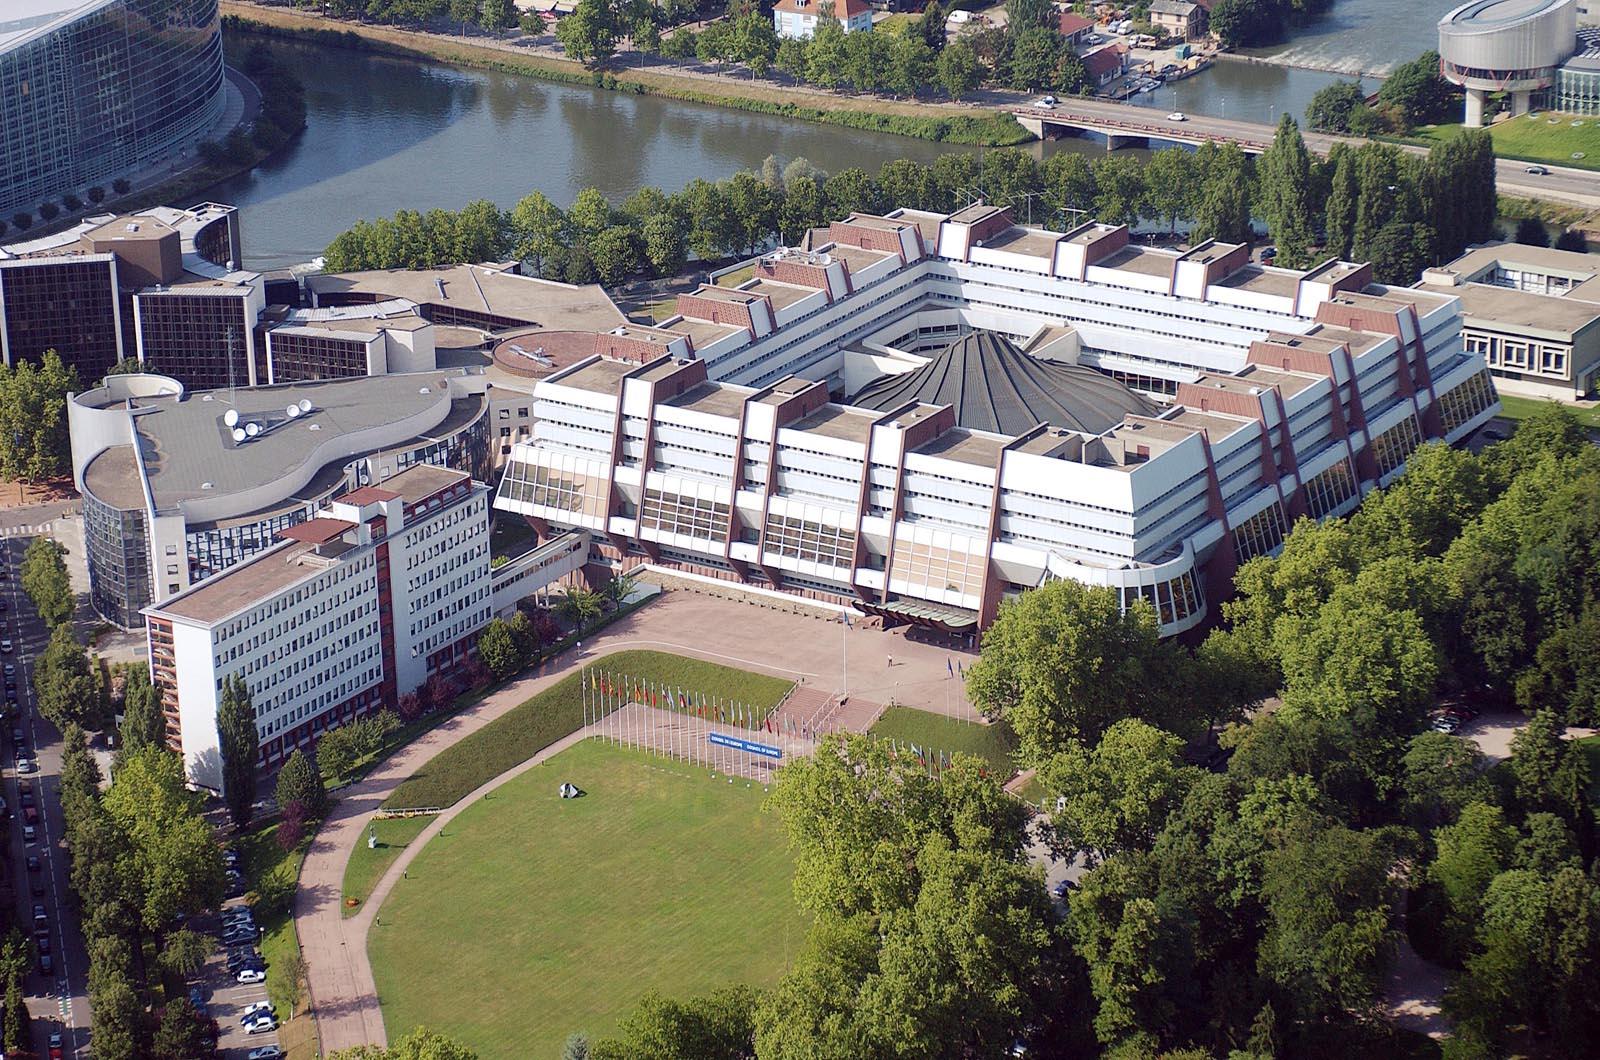 Council of Europe Palais de l'Europe